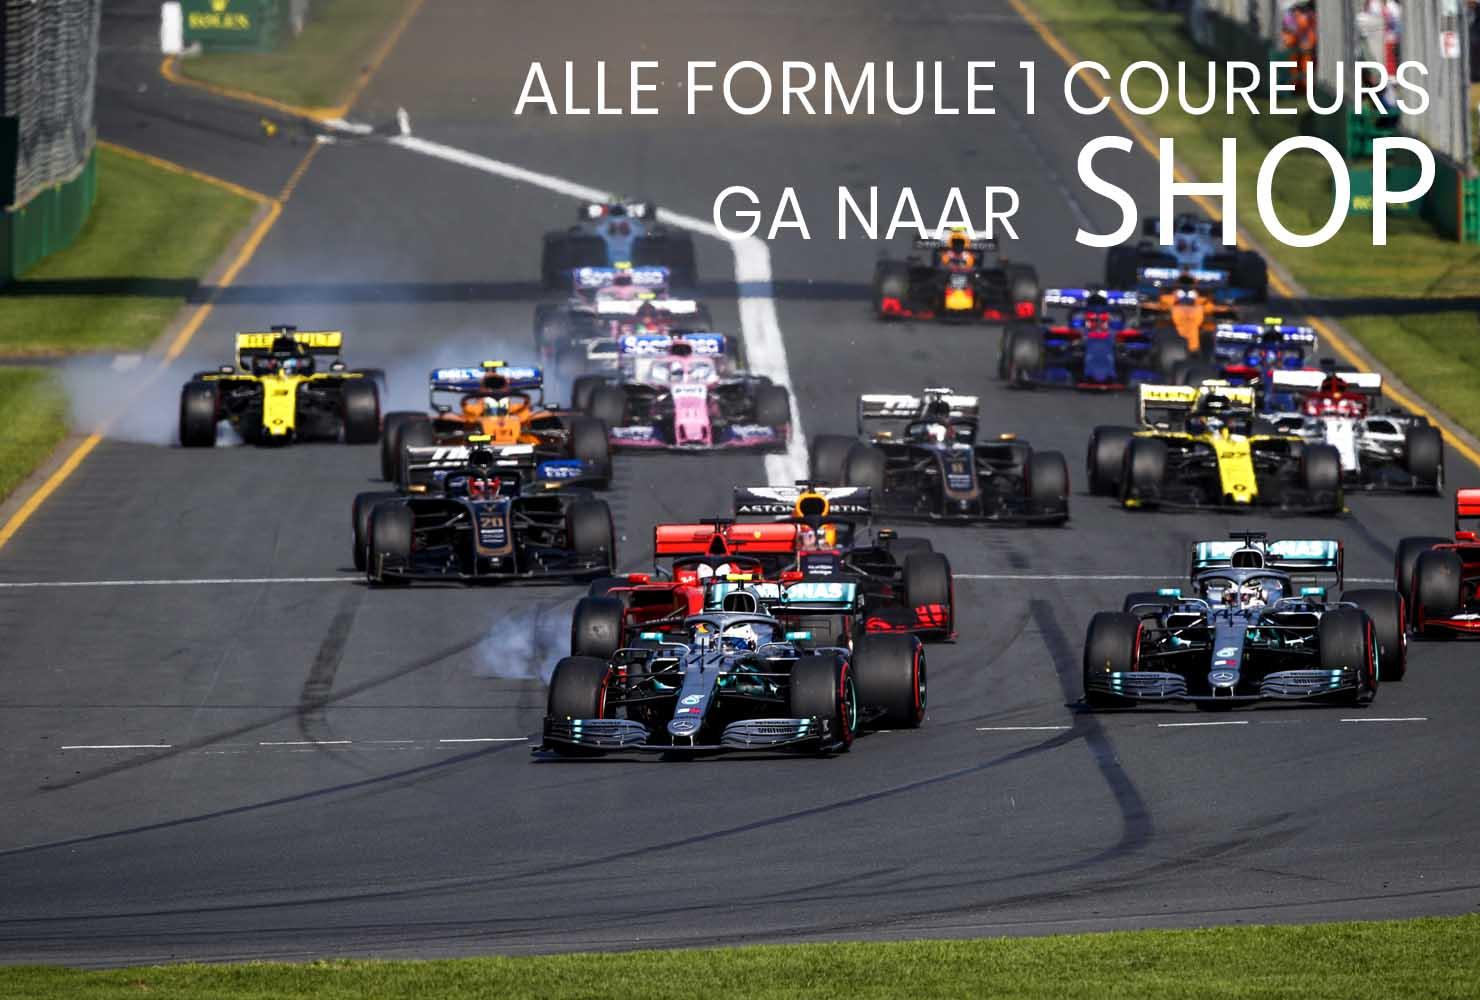 Foto's van diverse F1 coureurs met o.a. Max Verstappen